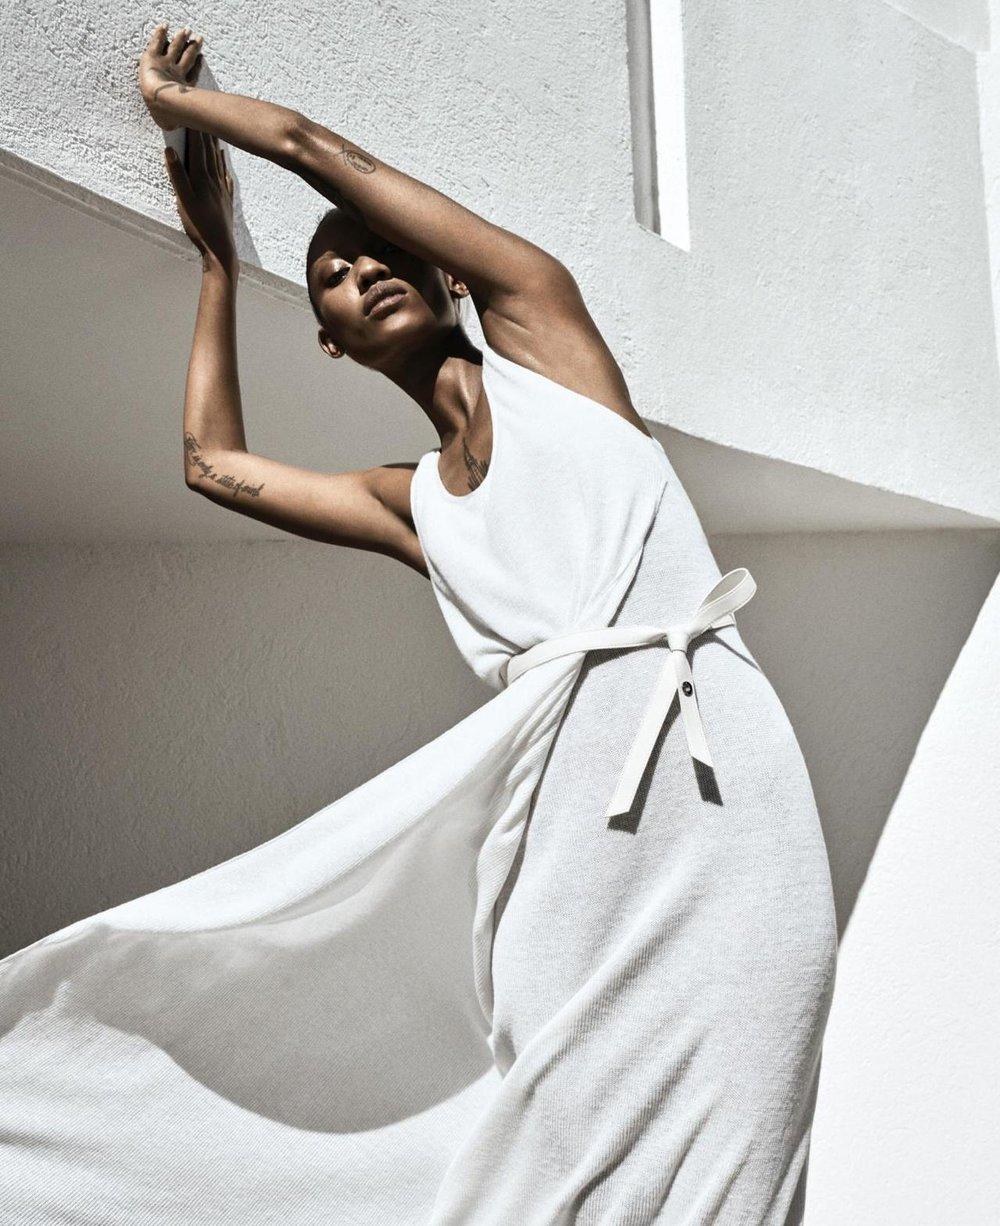 Adesuwa-Aighewi-Sebastian-Kim-Harpers-Bazaar- US-April-2019- (7).jpg